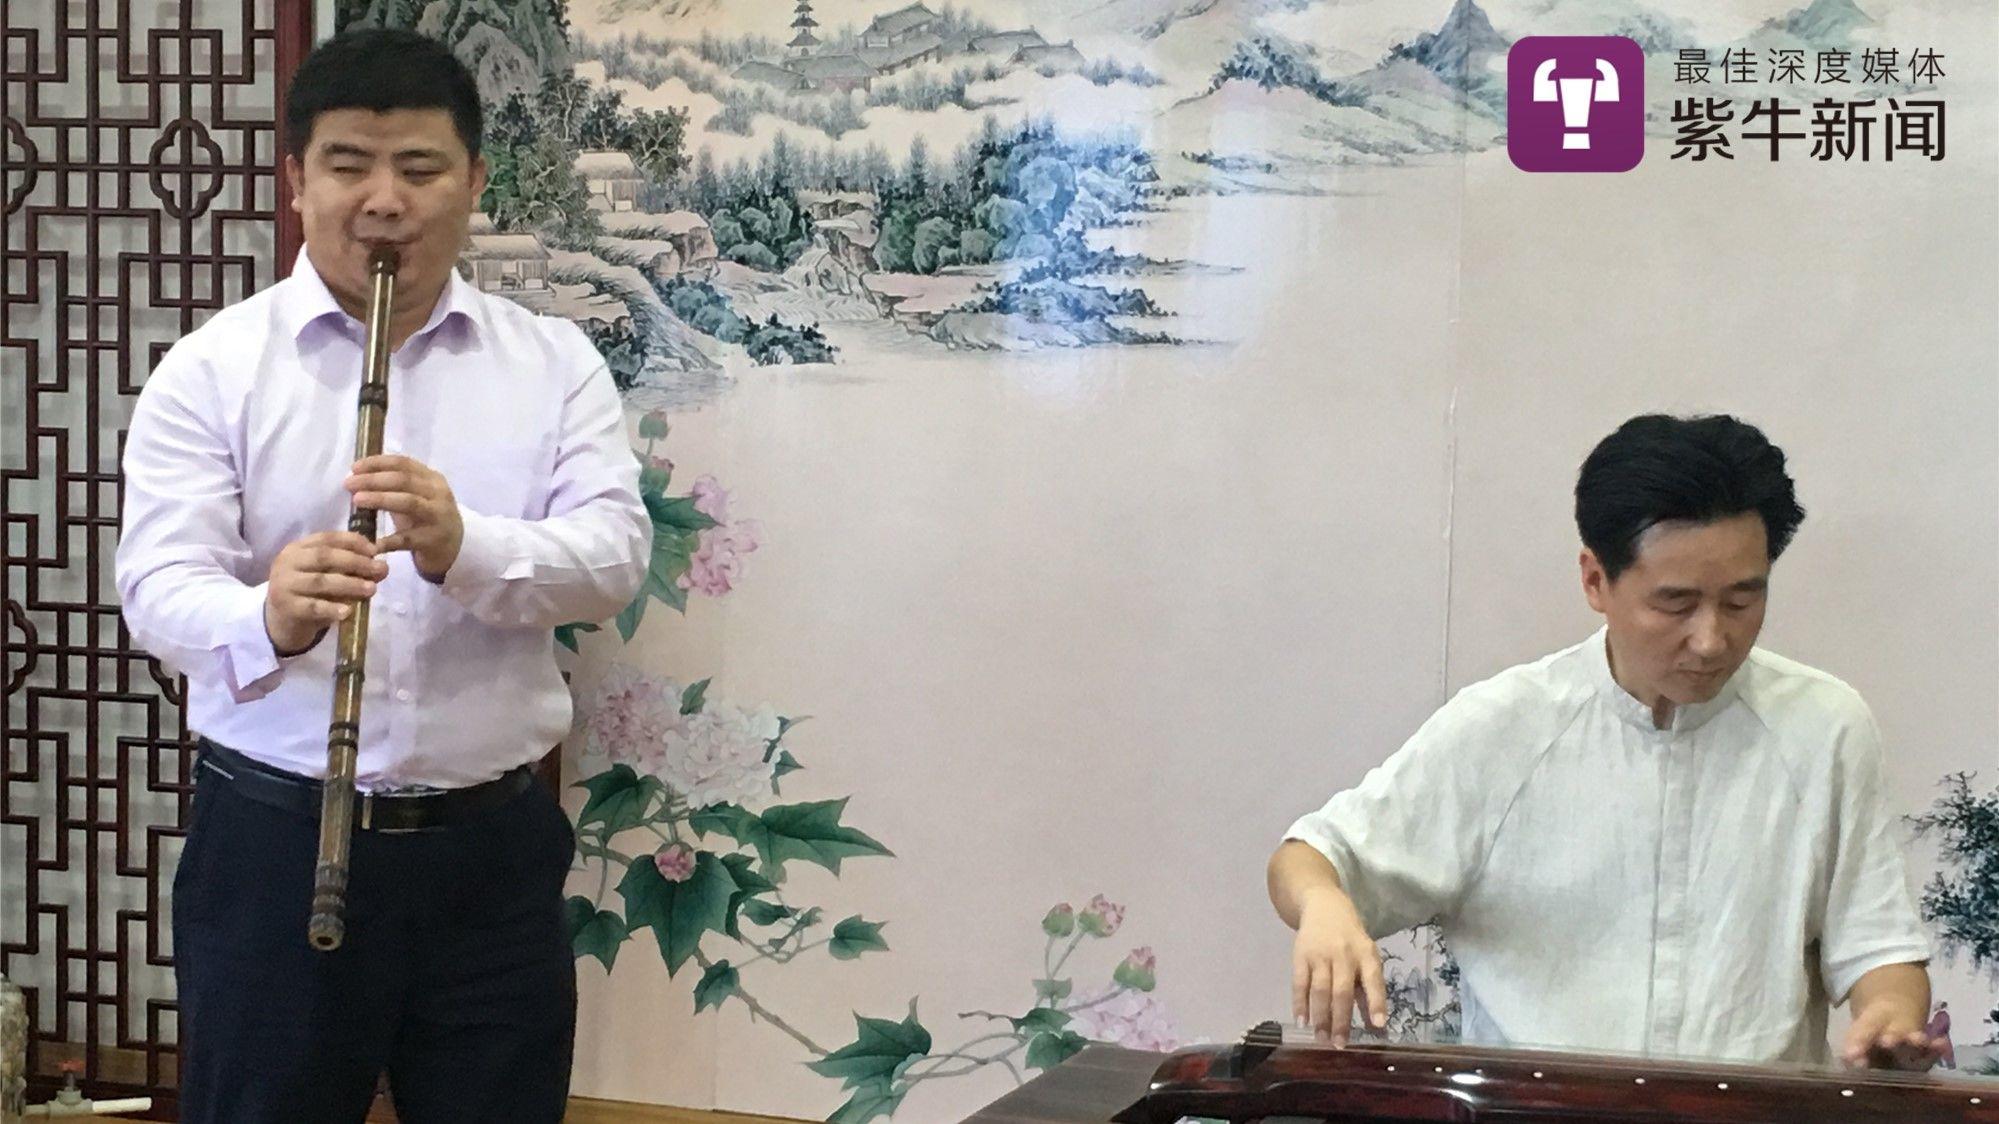 图片谭伟海和社长王先宏图片